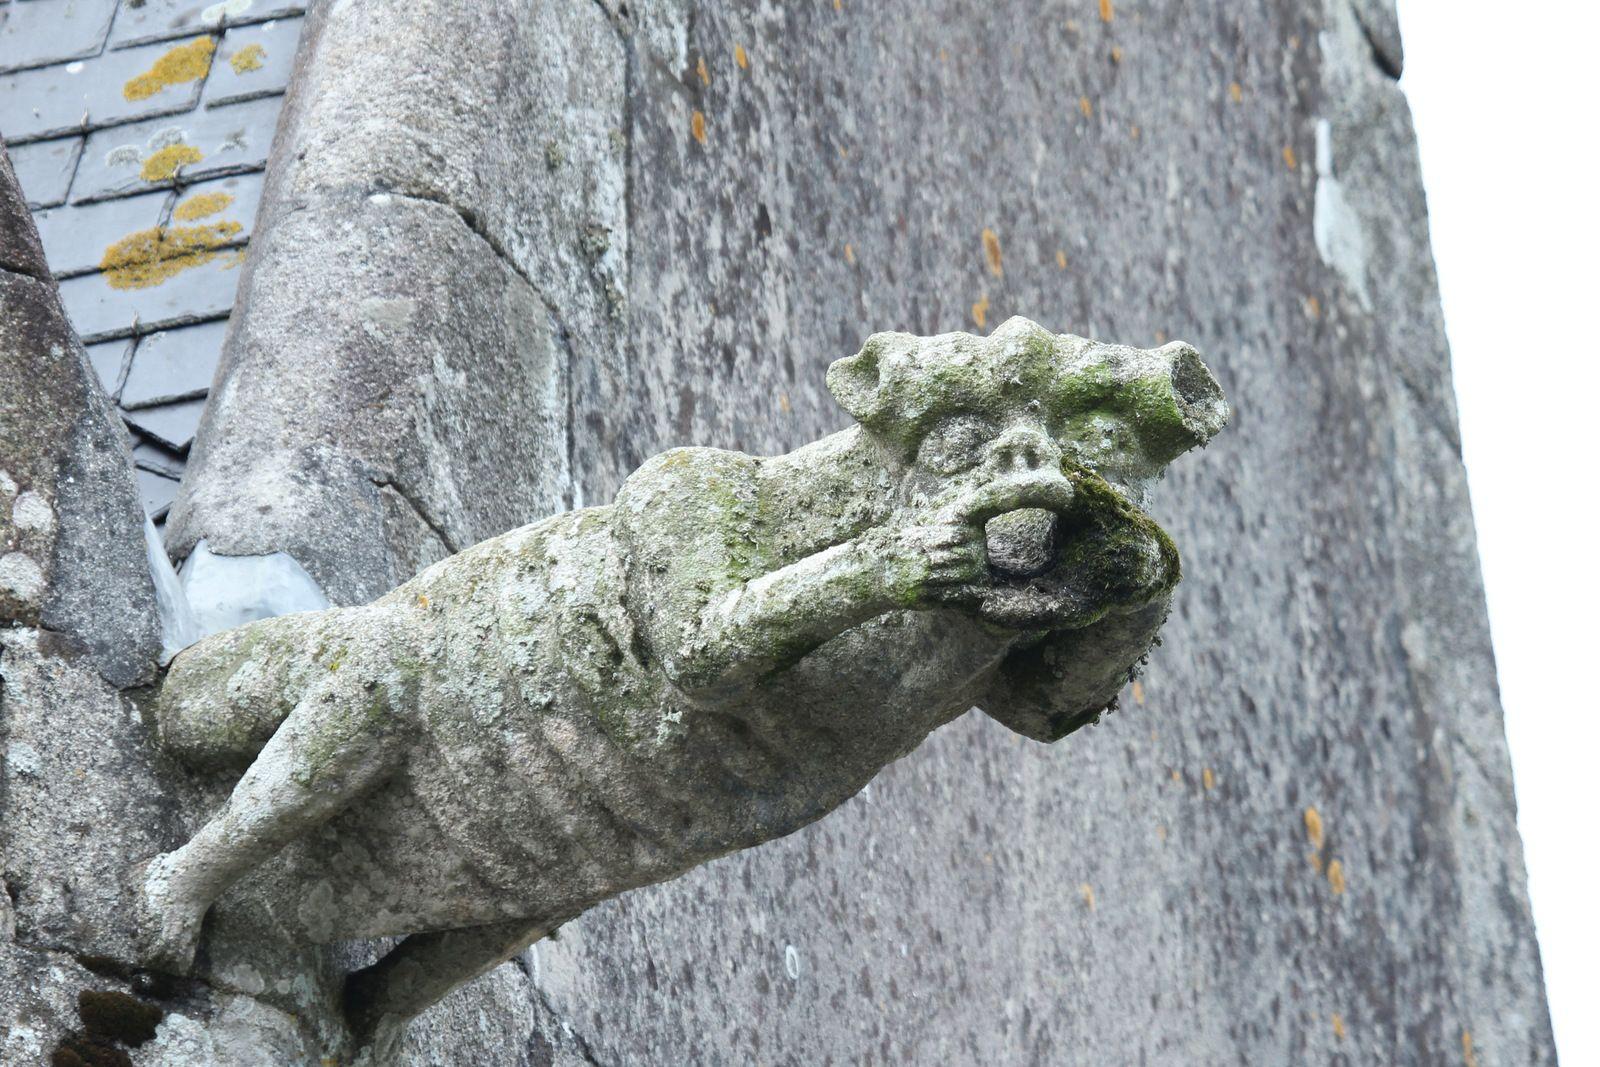 Gargouilles de la chapelle Sainte-Anne-la-Palud. Photographie lavieb-aile juin 2020.